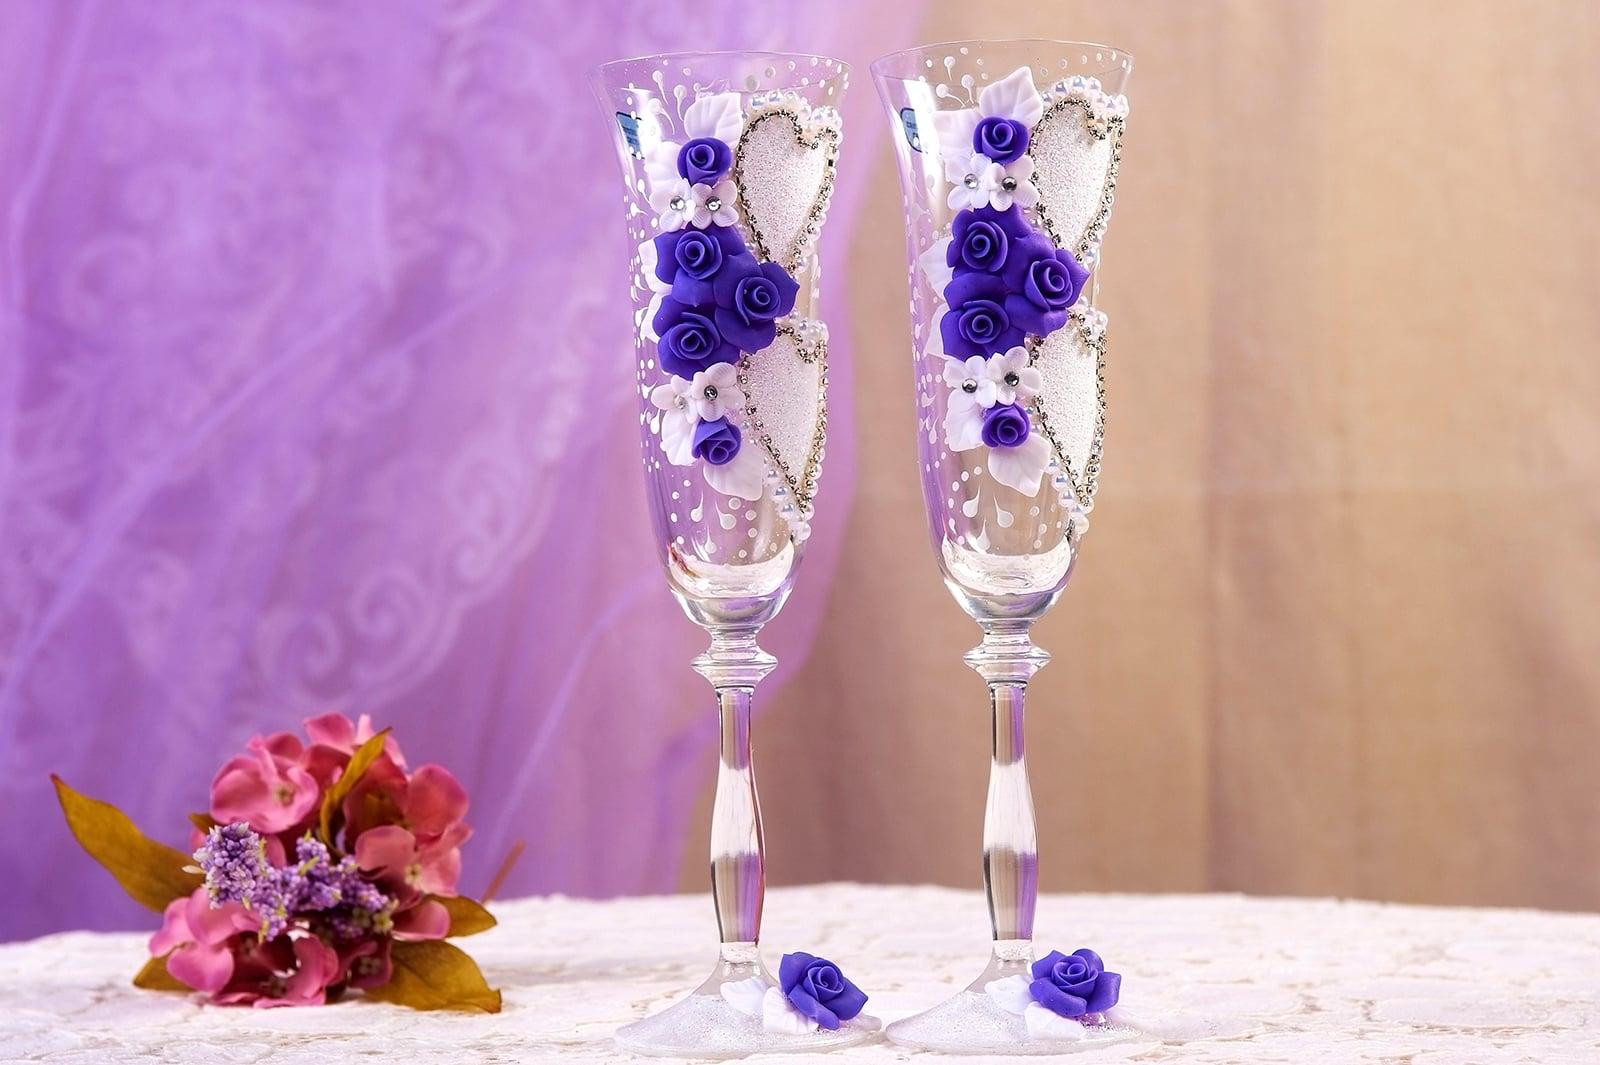 Свадебные фужеры с романтичным бело-фиолетовым декором.